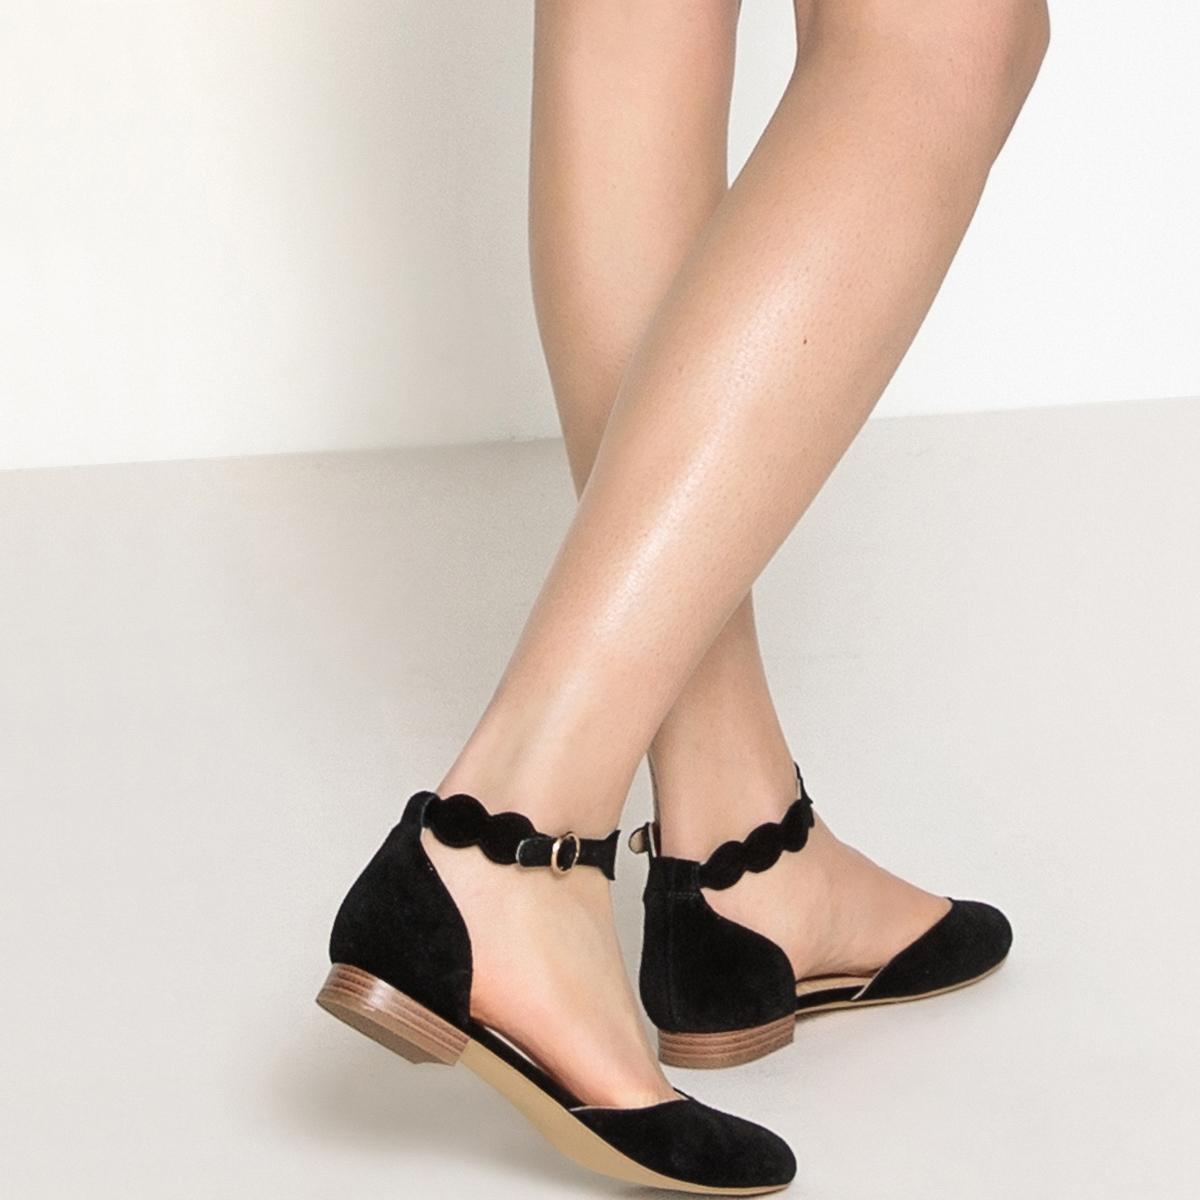 Ballerine cinturino alla caviglia